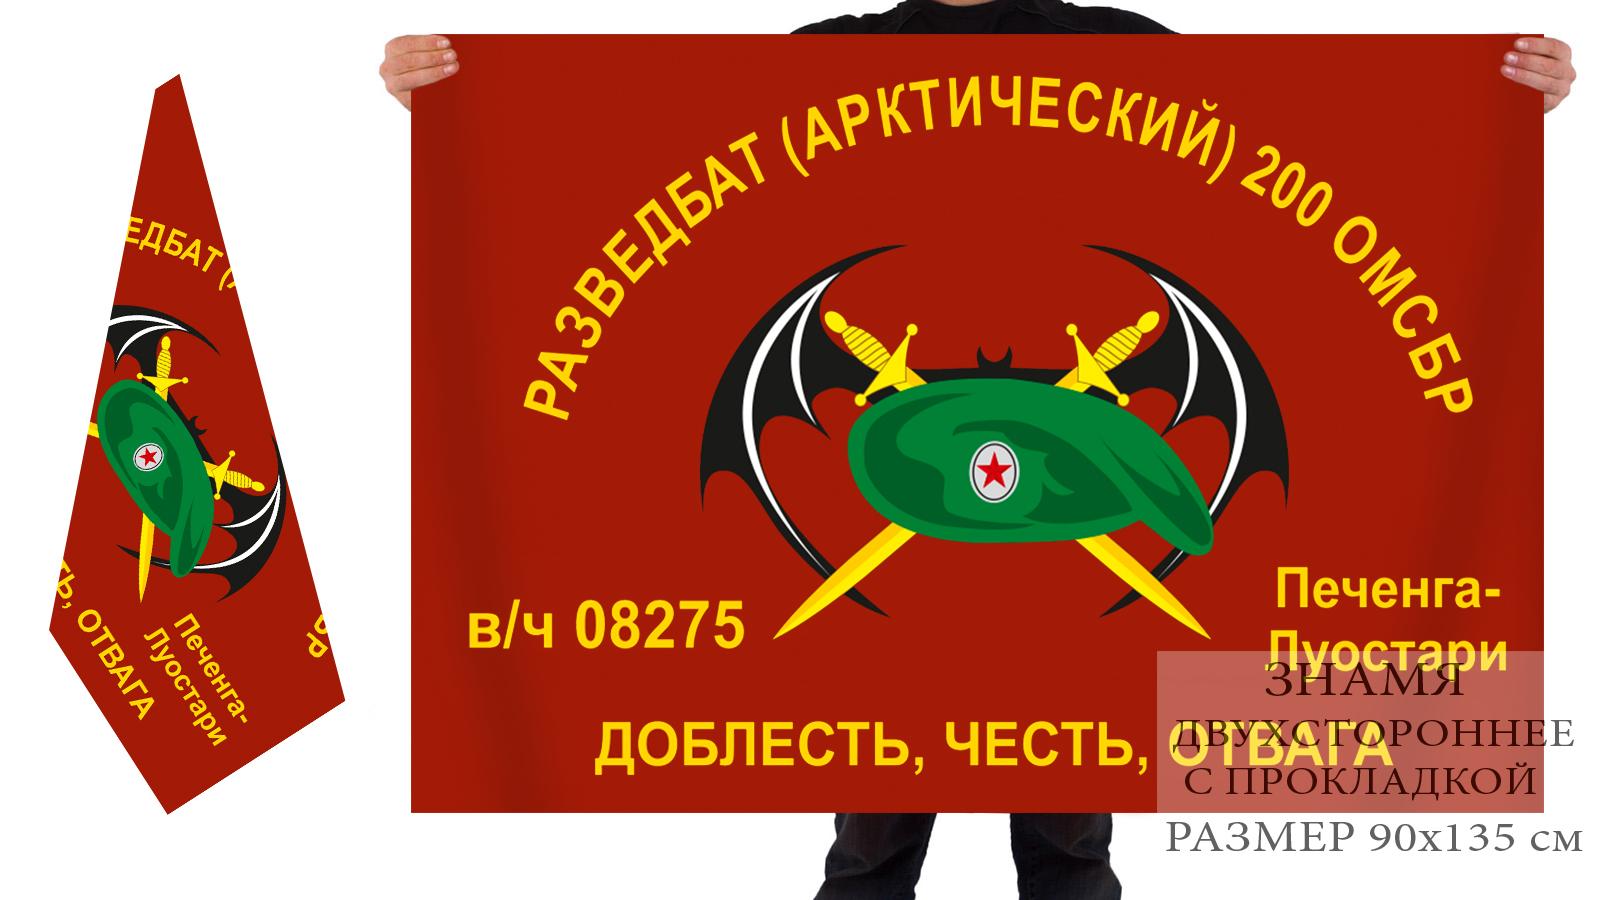 Двусторонний флаг Разведбата 200 ОМсБр (а)